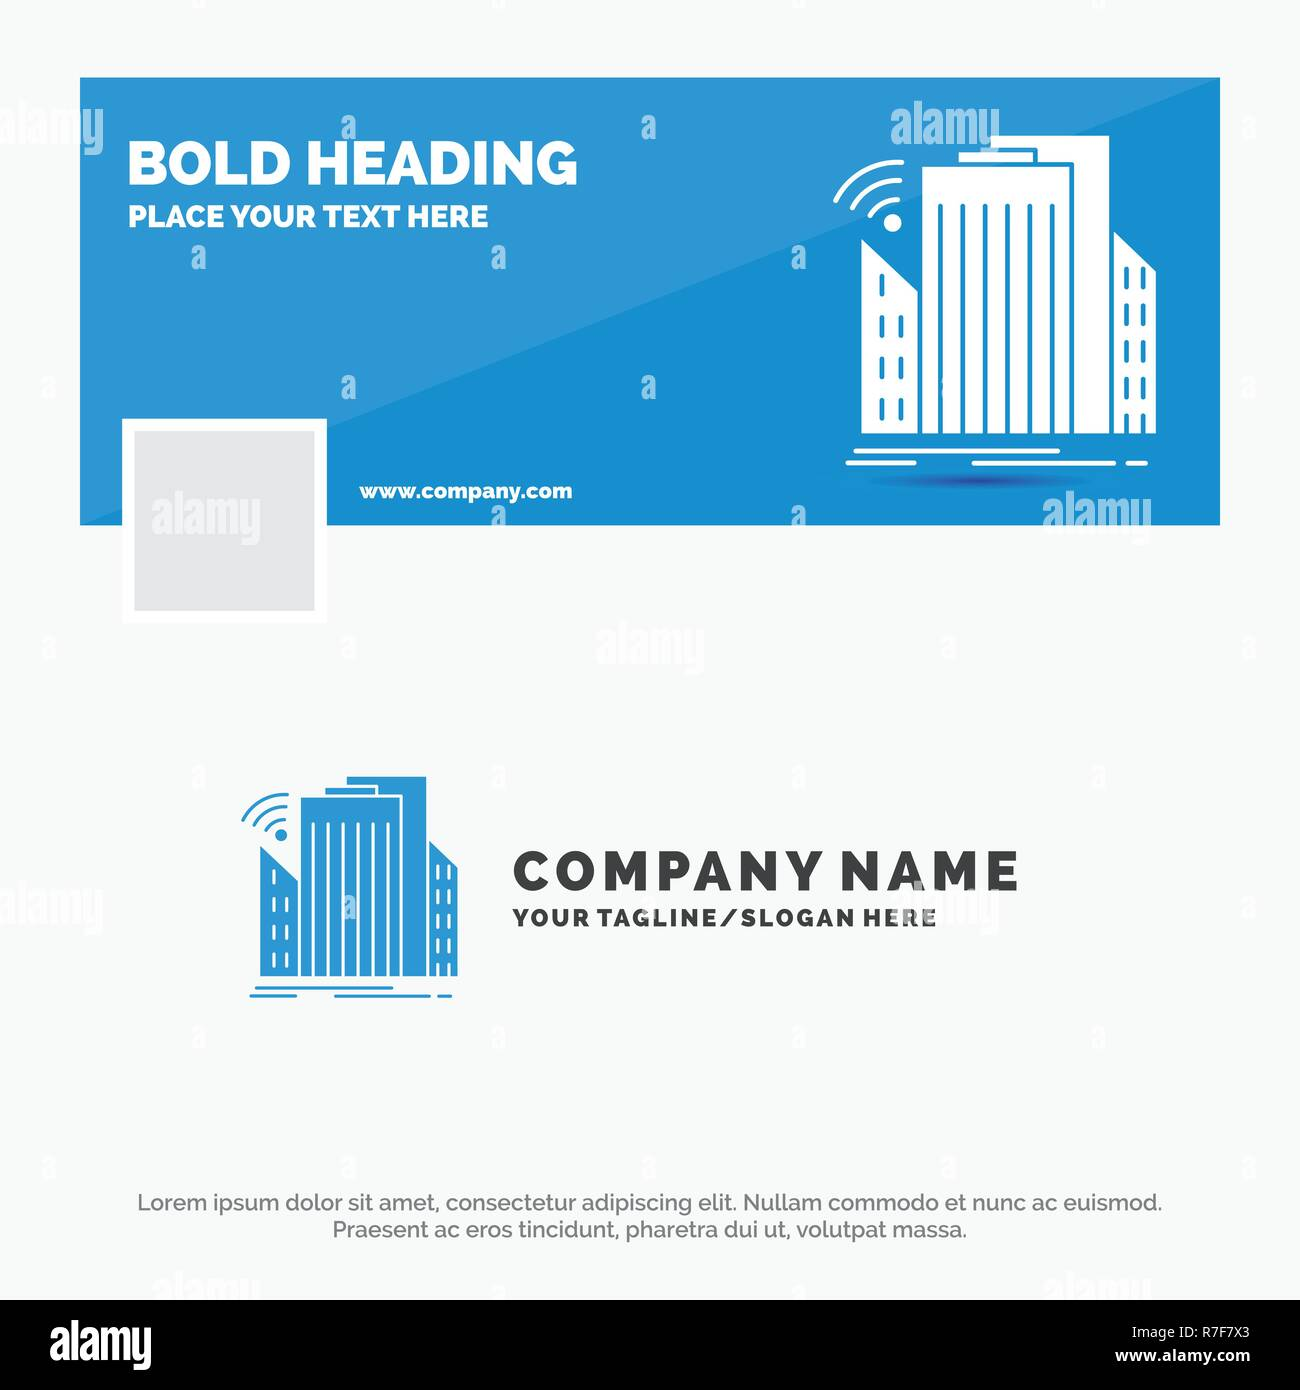 Blue Business Logo Template for Buildings, city, sensor, smart, urban. Facebook Timeline Banner Design. vector web banner background illustration - Stock Image